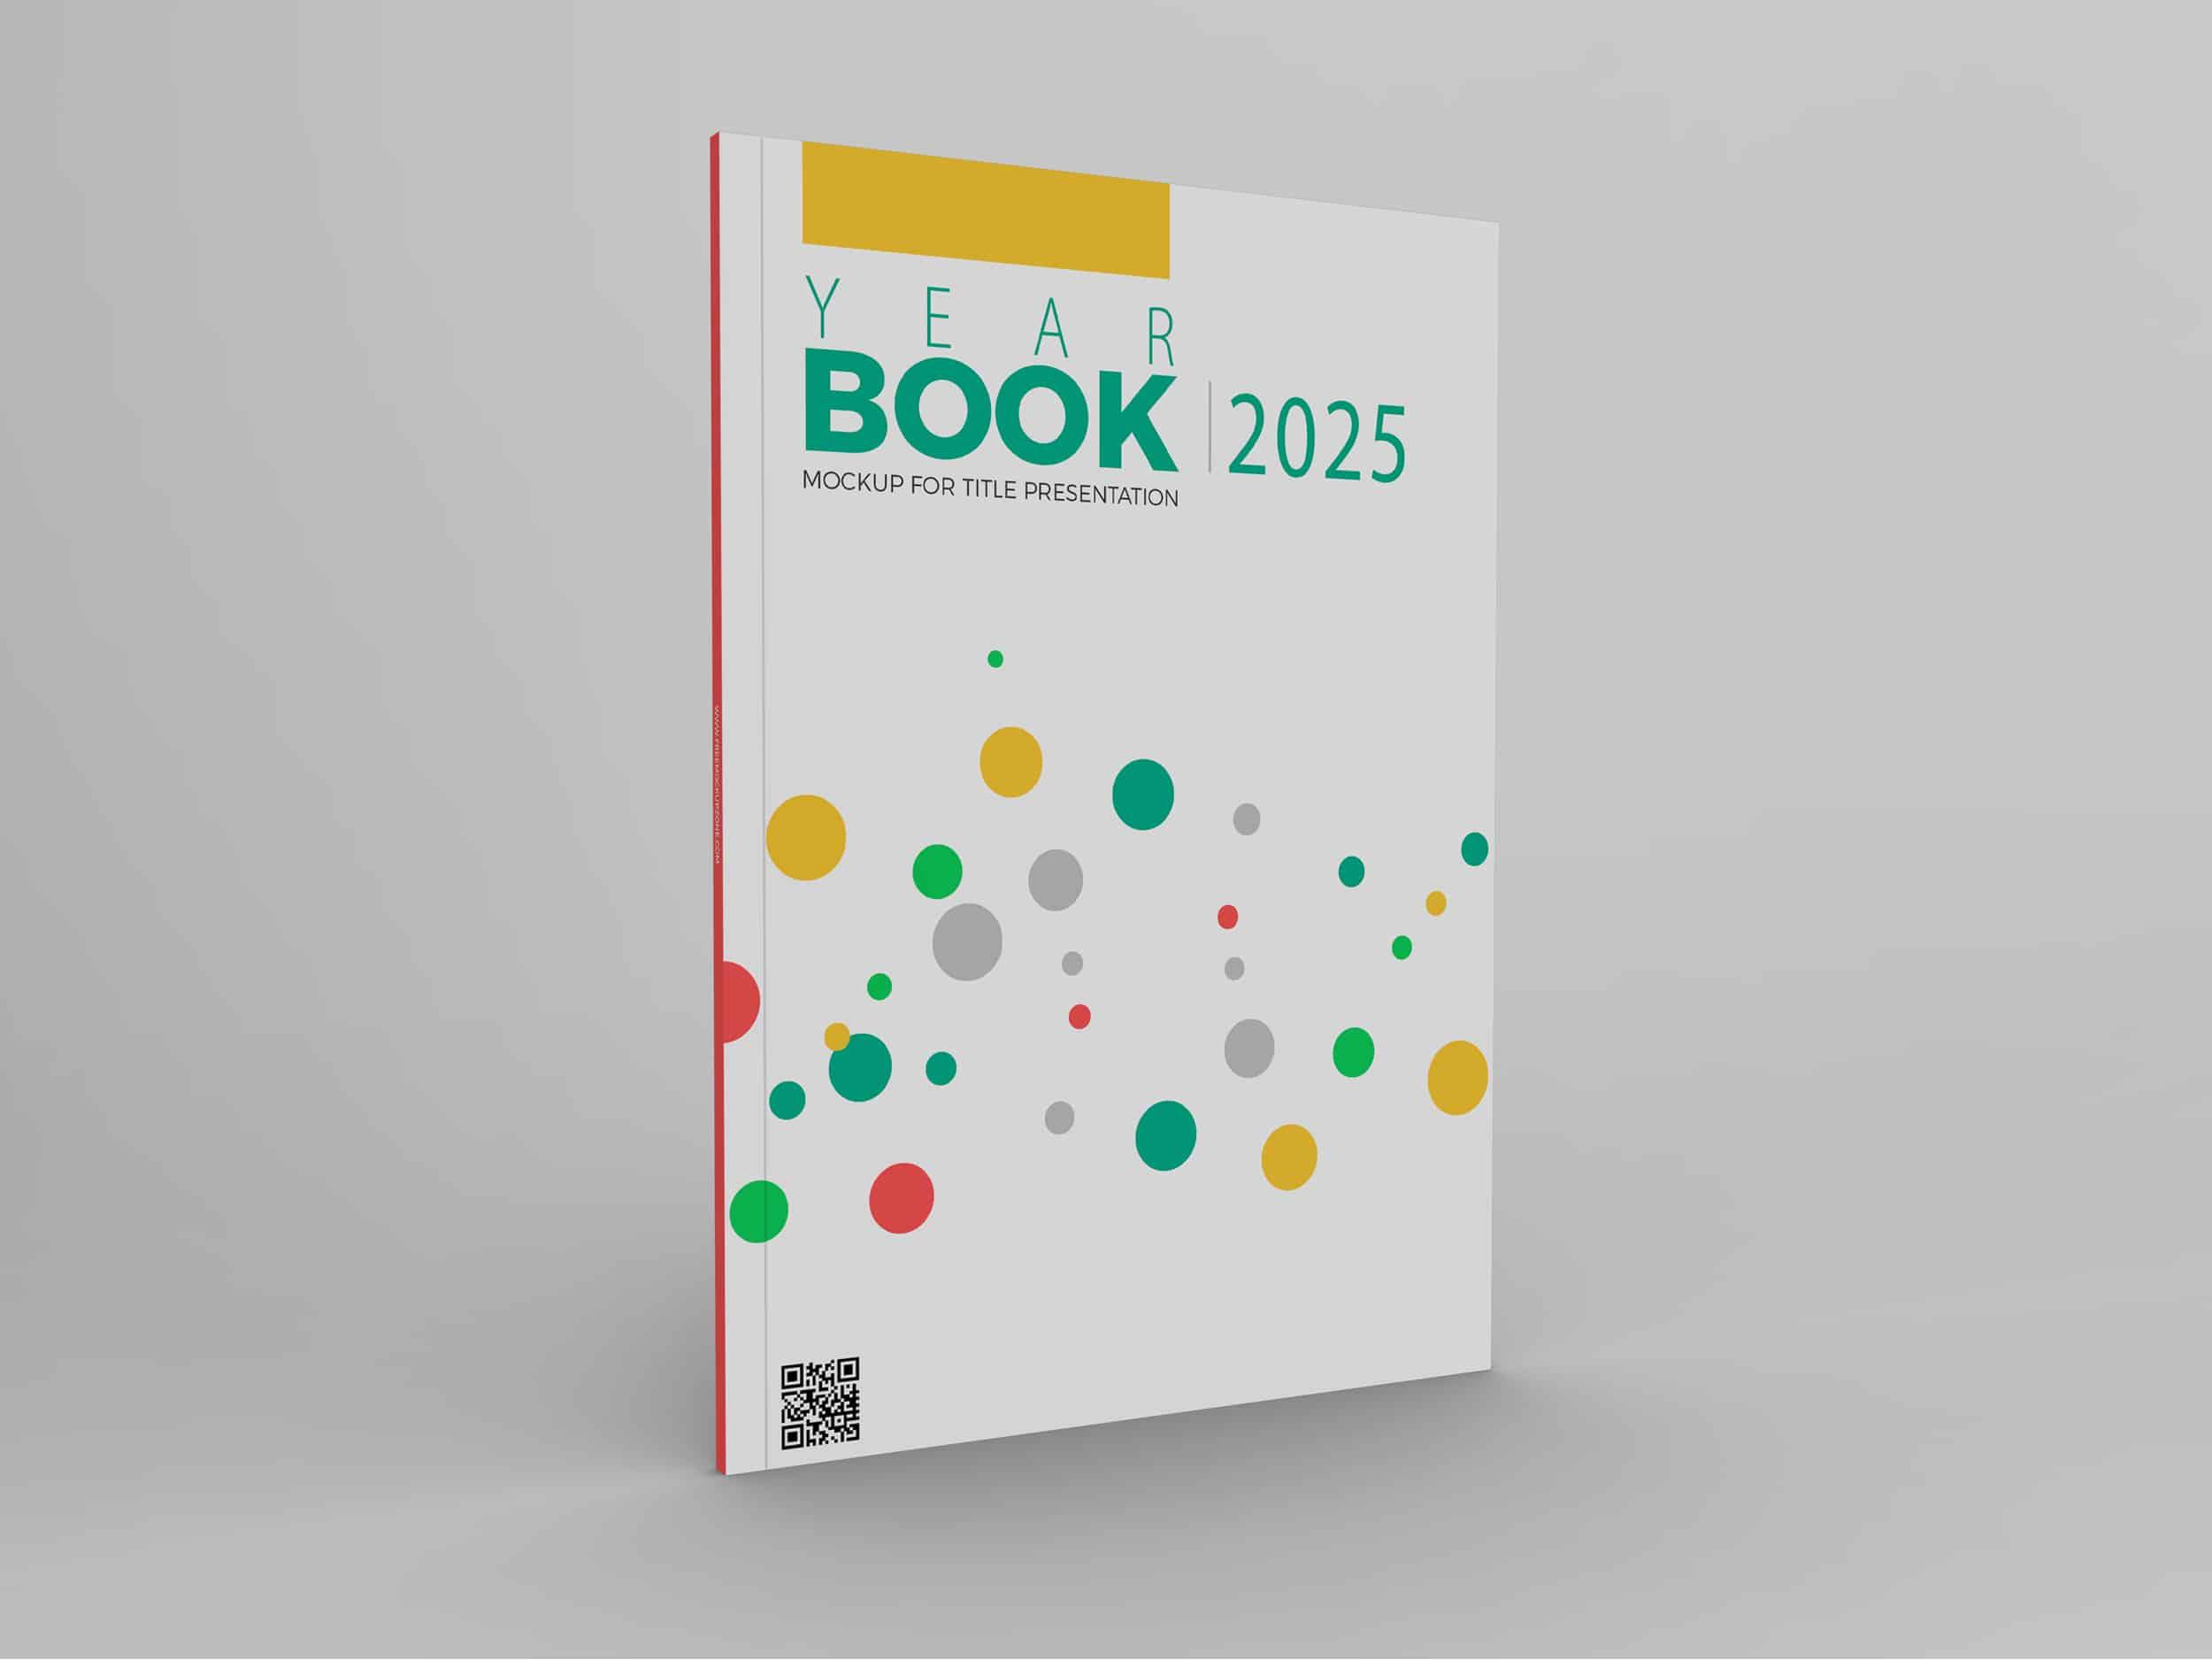 Jasa Cetak Buku Tahunan atau Yearbook